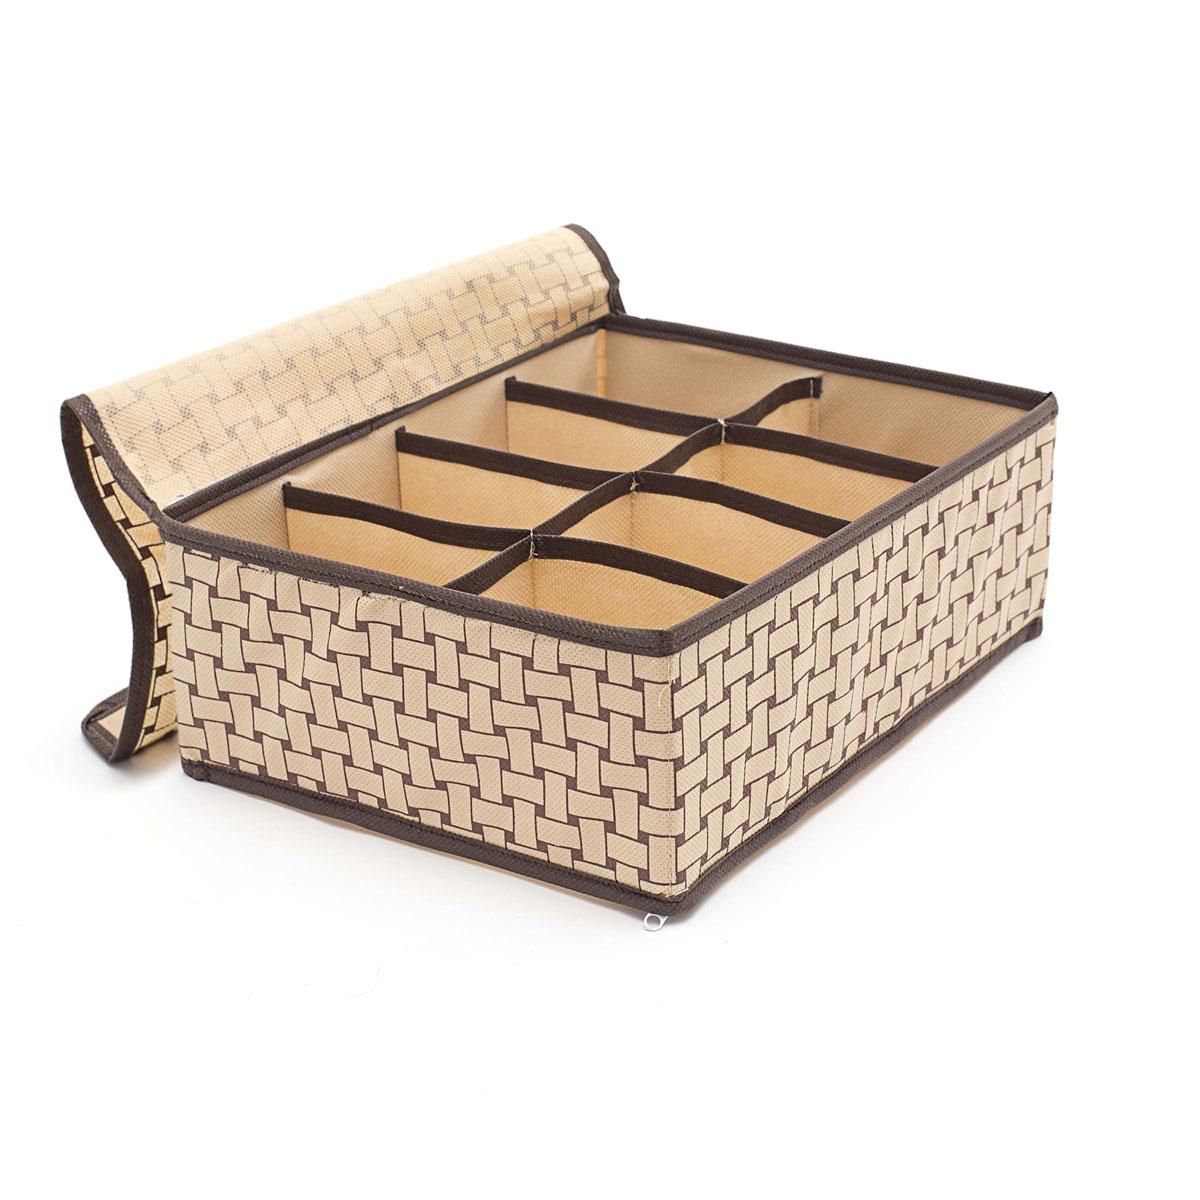 Органайзер для хранения вещей Homsu Pletenka, с крышкой, 8 секций, 31 х 24 х 11 см органайзер для хранения обуви homsu pletenka 6 секций 66 х 63 х 11 см